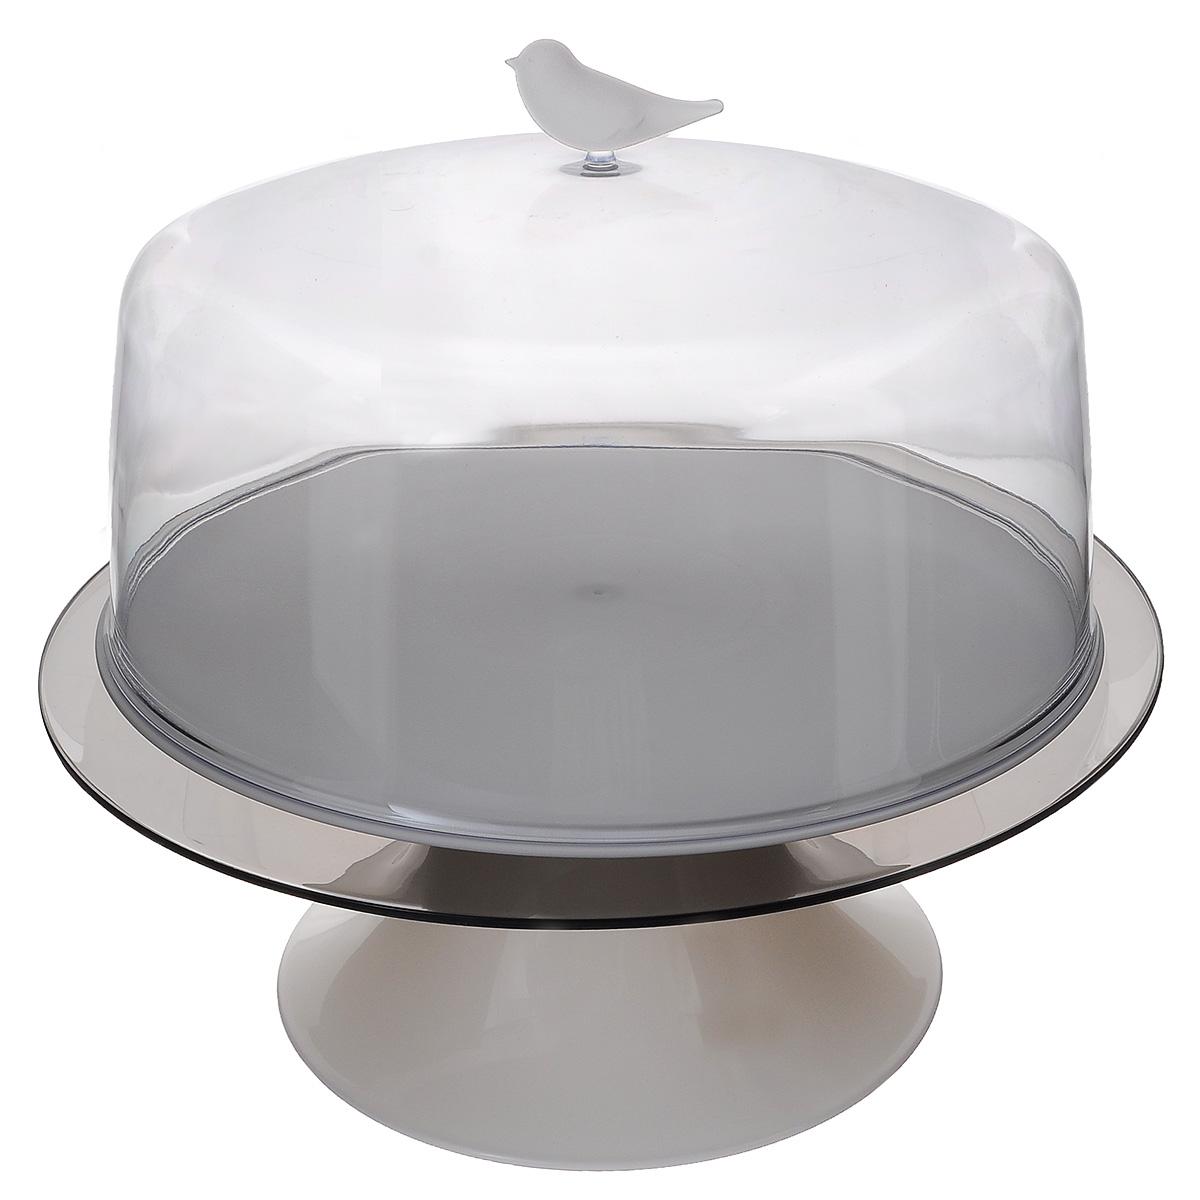 Тортовница Qualy Sparrow, диаметр 28,5 смQL10189-WHКрасивая тортовница Qualy Sparrow, изготовленная из высококачественного ABS пластика, решает проблему подачи тортиков и самодельных пирогов. Плюс ко всему, она идеальна для хранения: вкусности внутри не заветрятся, на них случайно не попадет грязь, а домашние животные не стащат ни кусочка. Можно использовать для блинов, пирожных, нарезанных фруктов, тарталеток и других десертов. Изделие состоит из двух подносов (верхнего и нижнего), подставки и крышки, декорированной фигуркой птички. Диаметр верхнего подноса: 28,5 см. Диаметр нижнего подноса: 33,5 см. Высота подставки: 13 см. Диаметр крышки: 29,5 см. Высота крышки: 16,5 см.